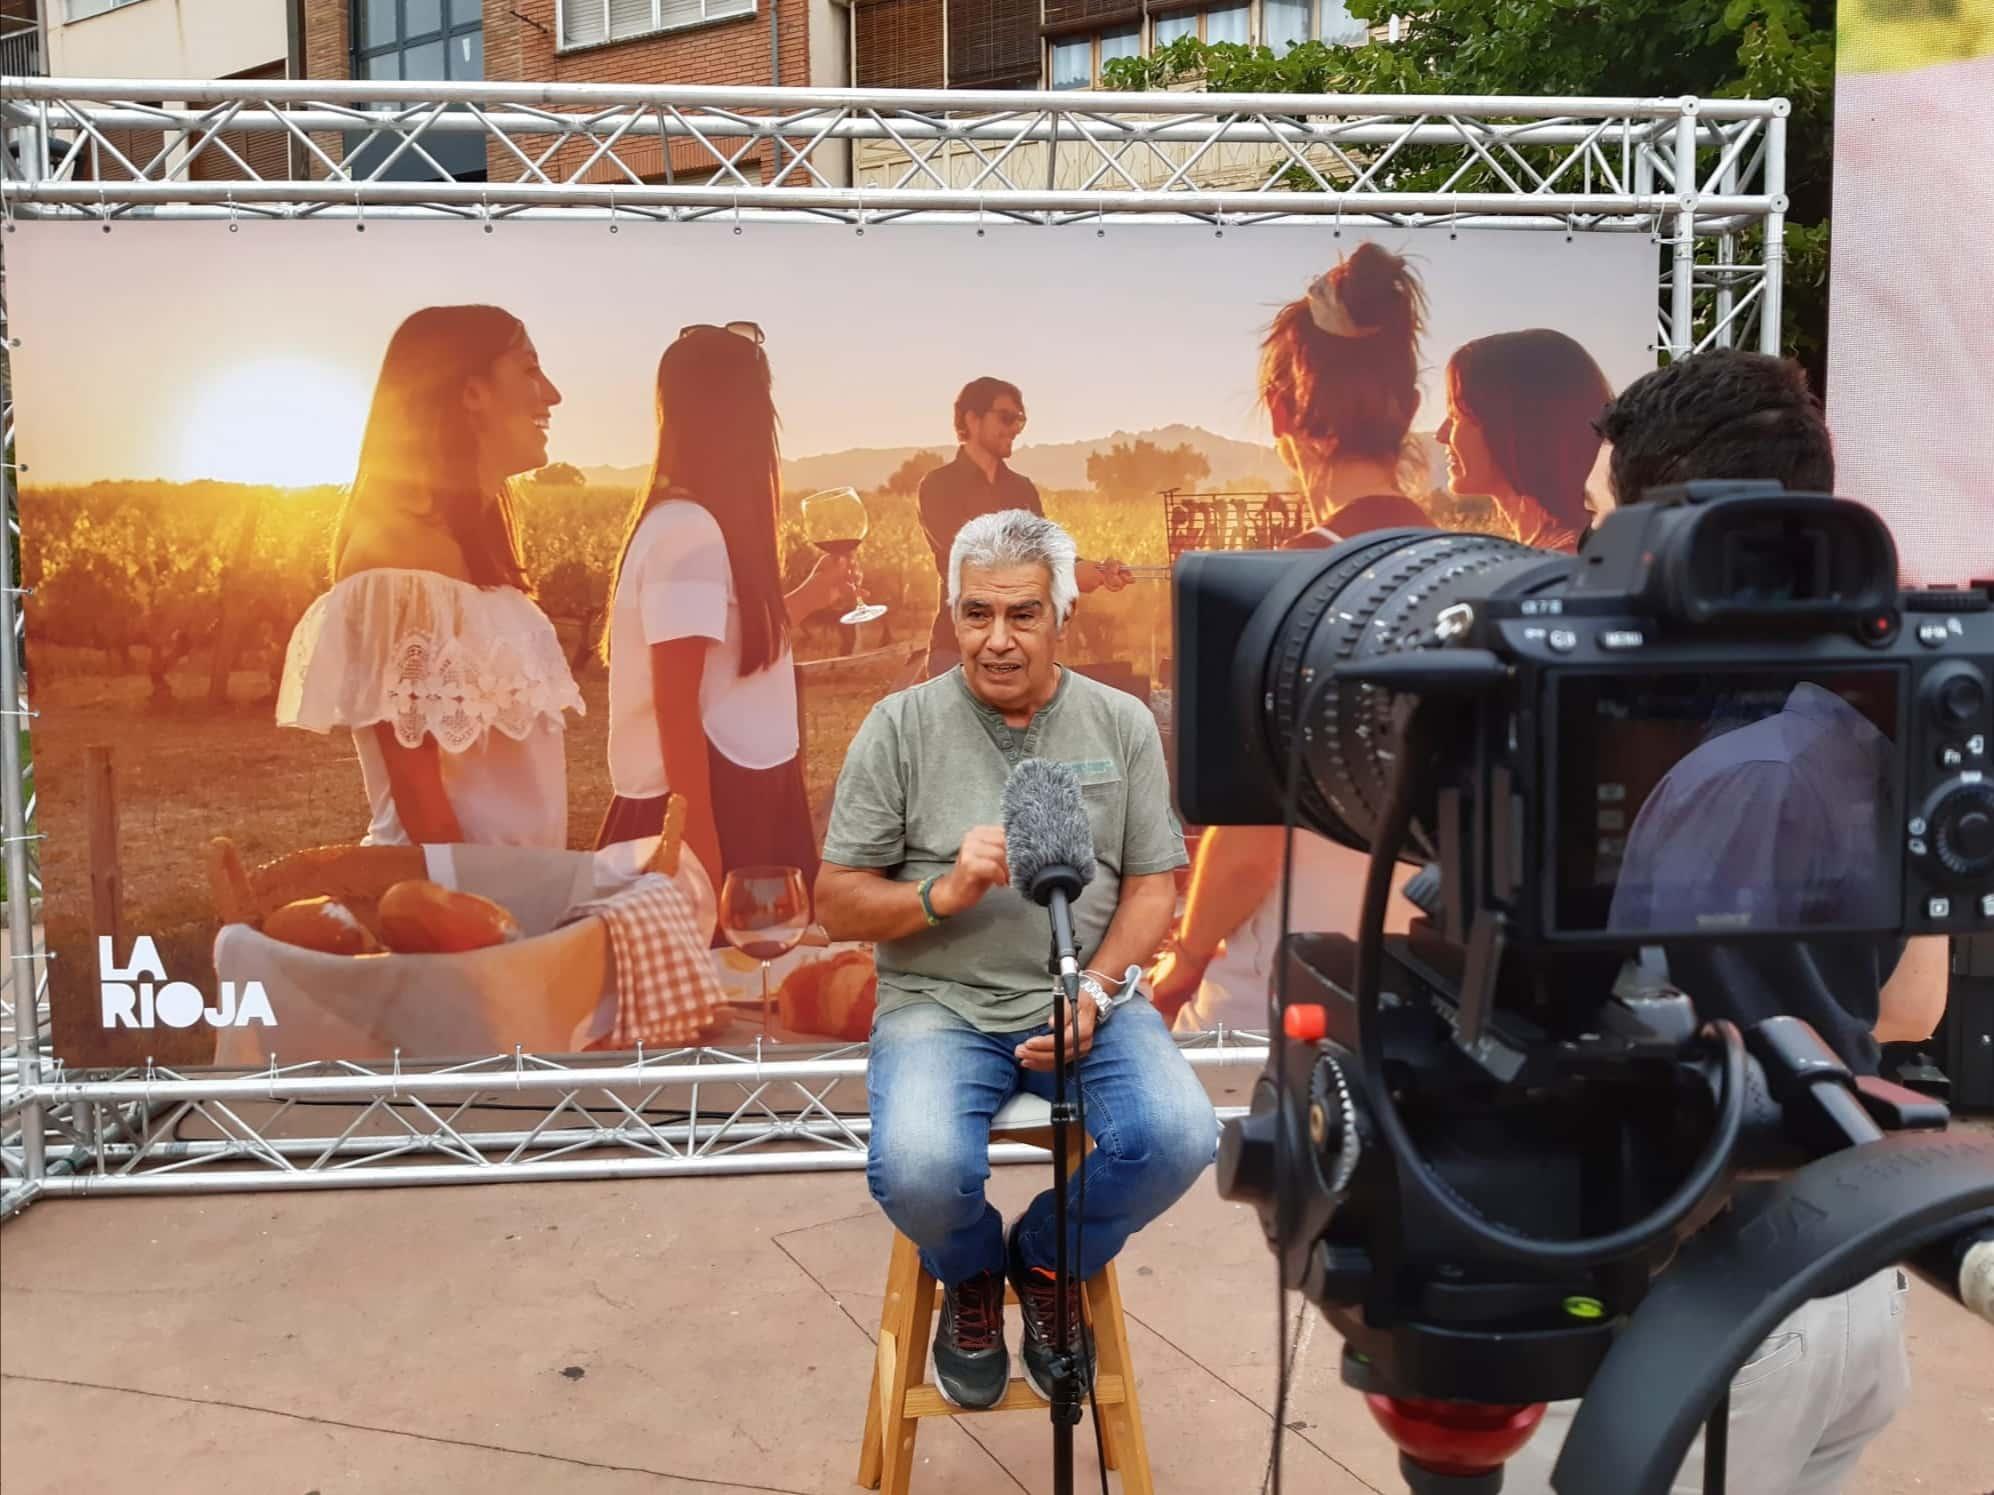 Nájera y San Millán 'reservan para volver' a La Rioja 6